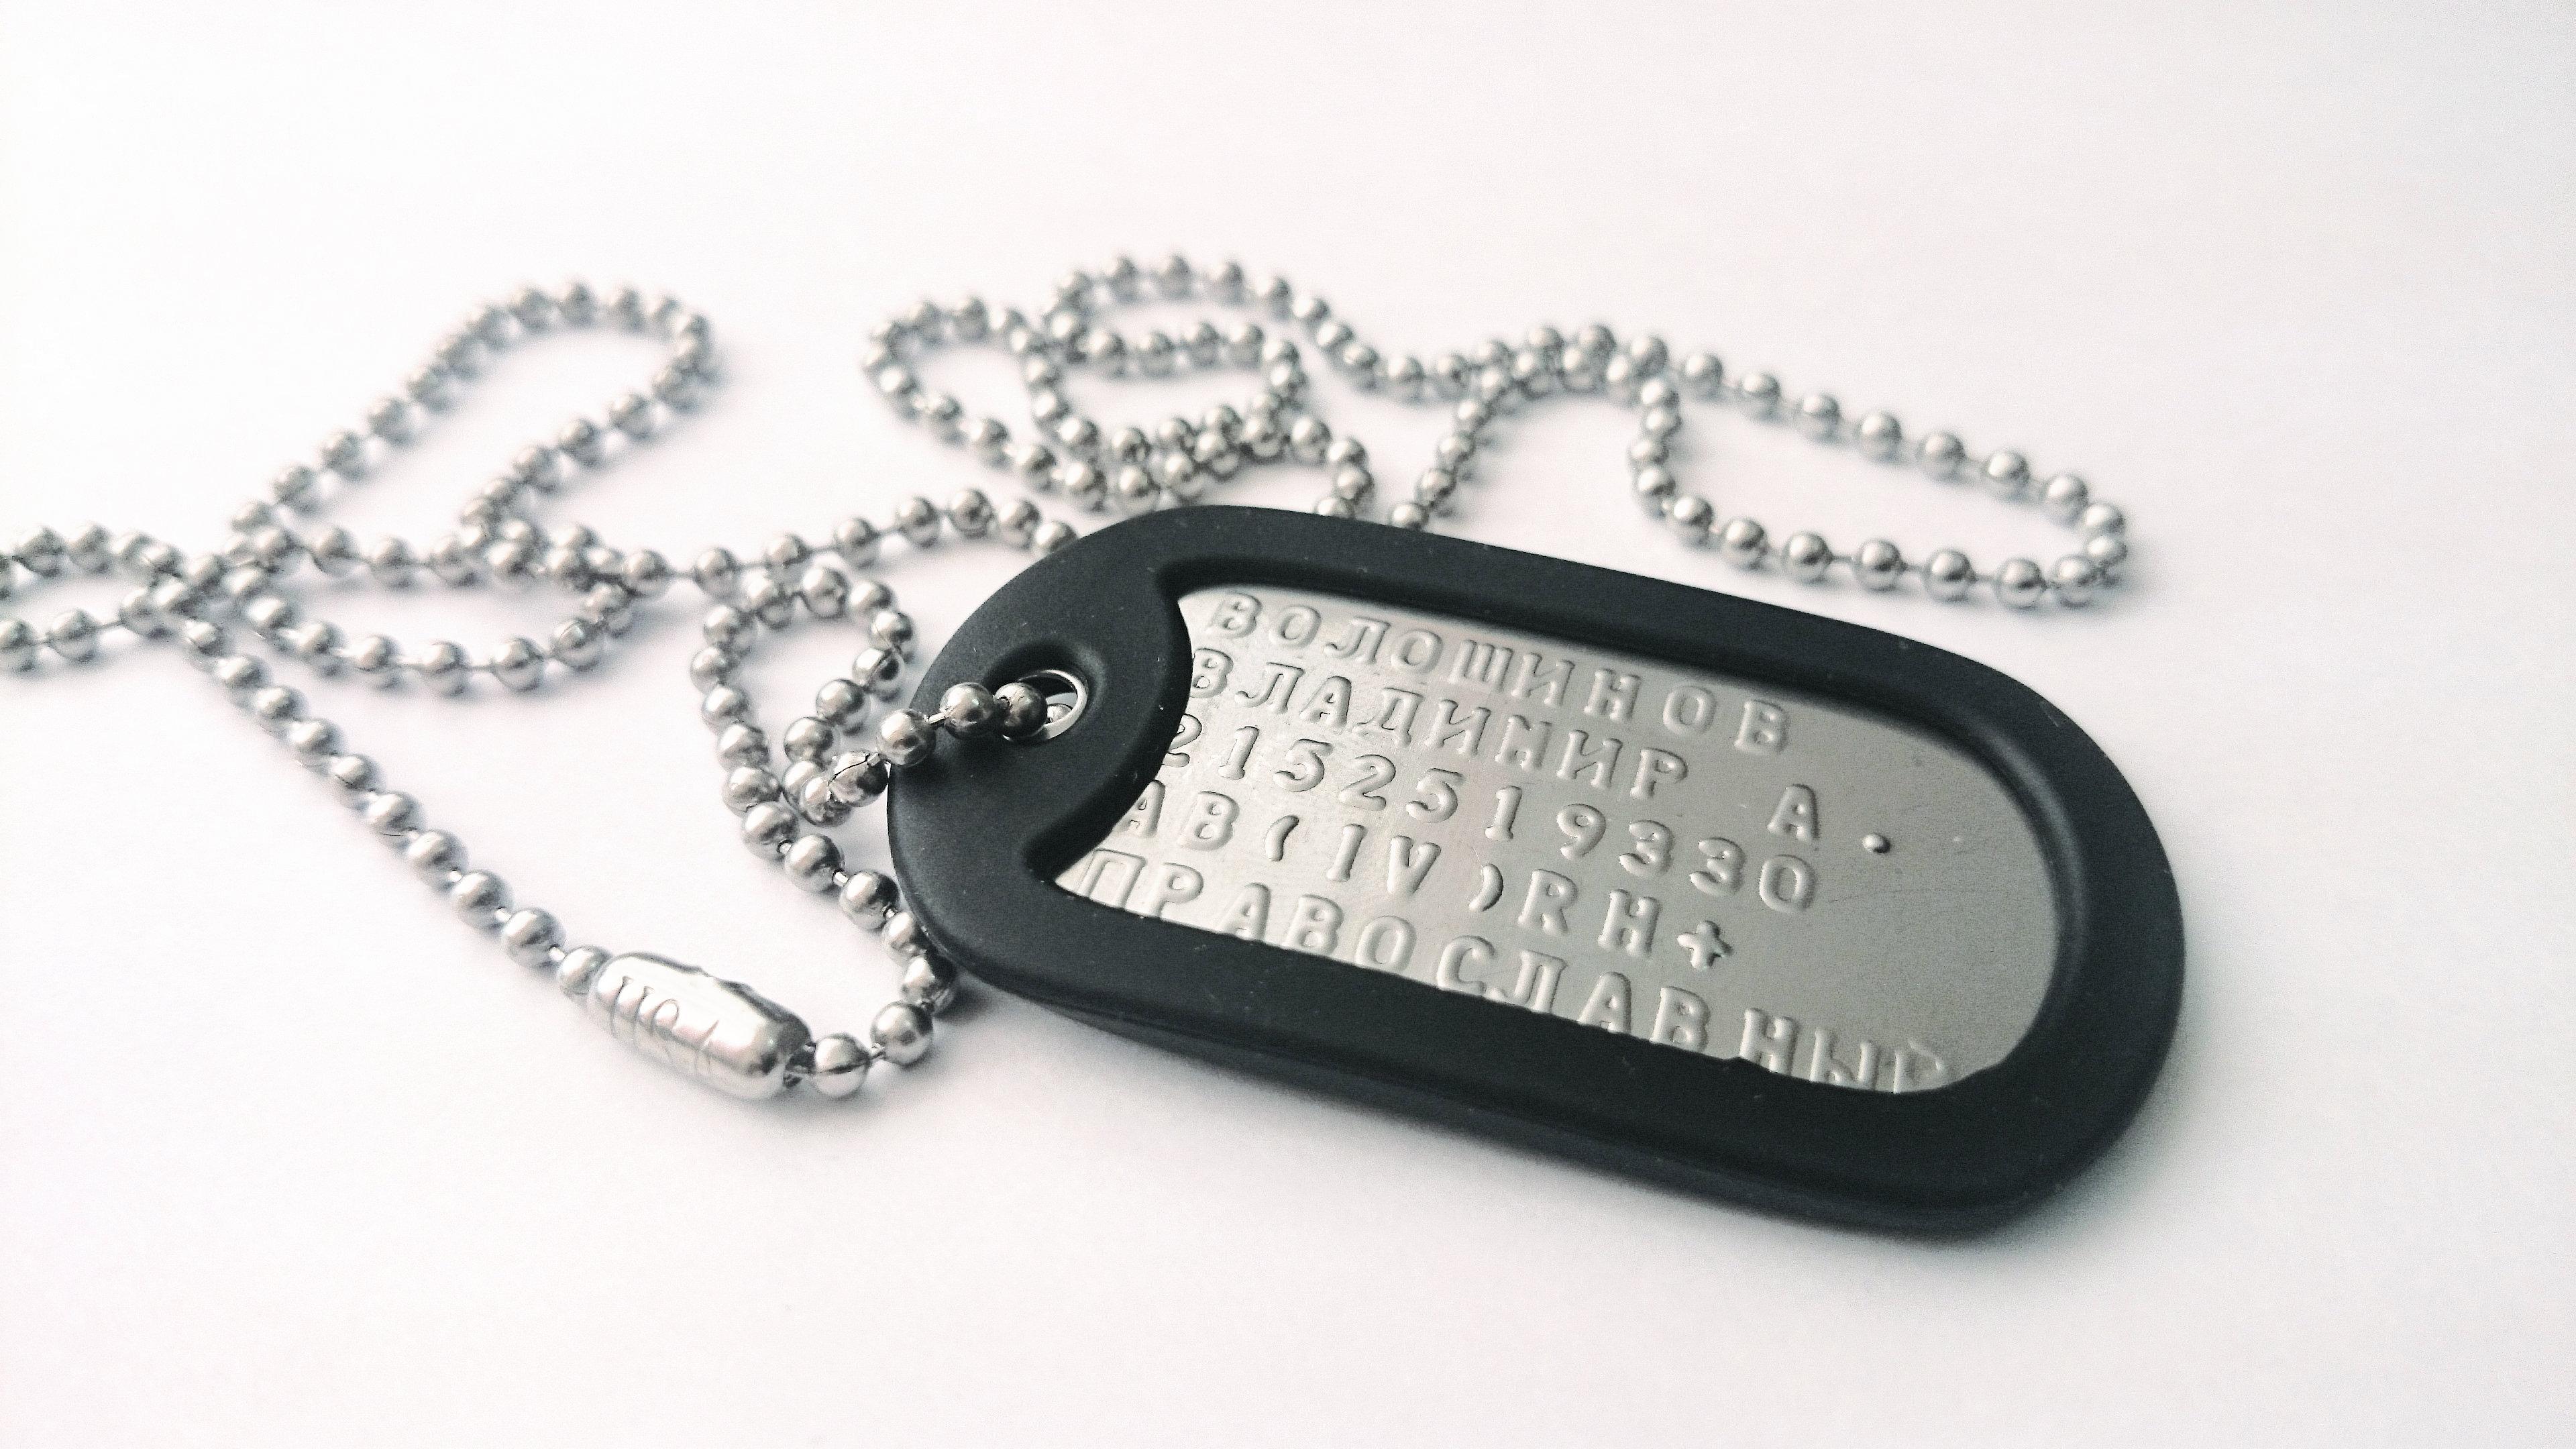 Личный номер военнослужащего, что написано на его жетоне 2